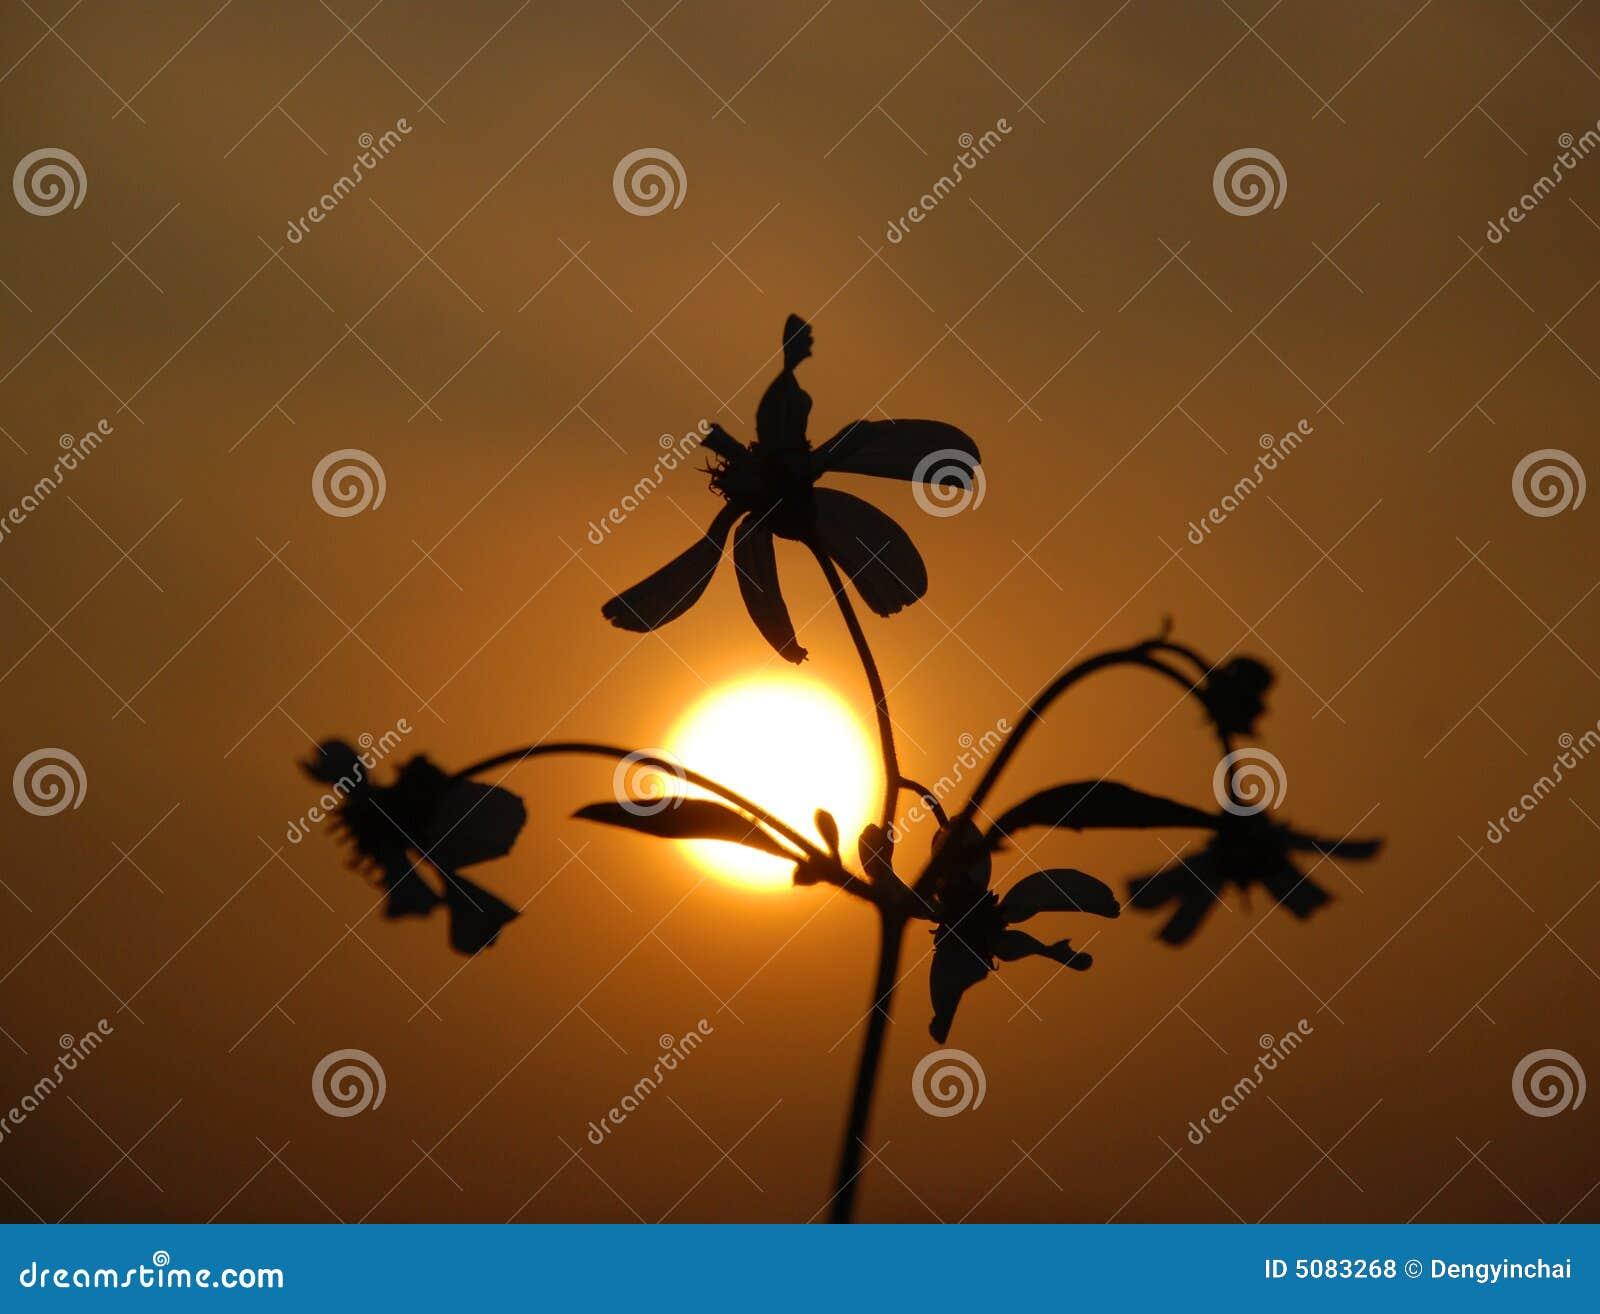 Kwiat dziki zachód słońca